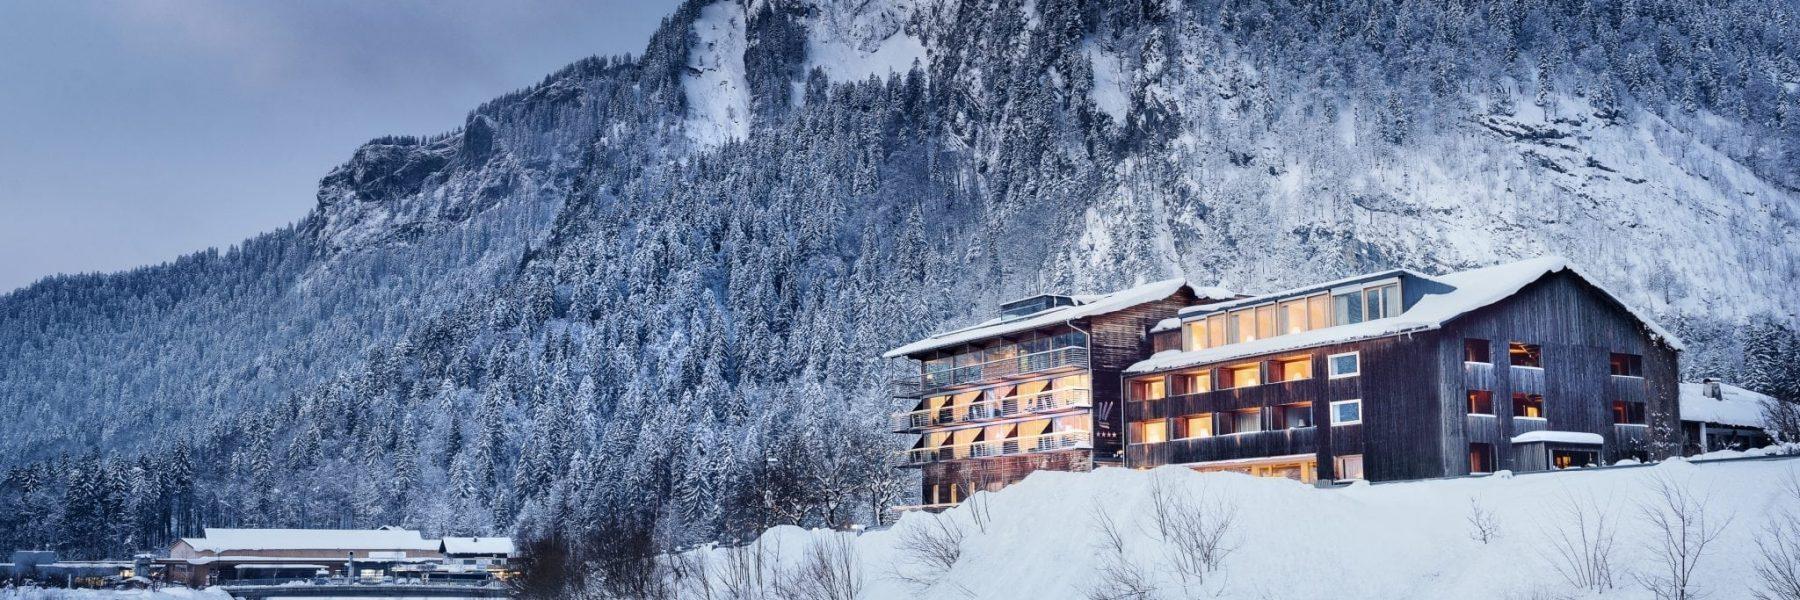 Hotel Krone in Au mit Mittagsfluh